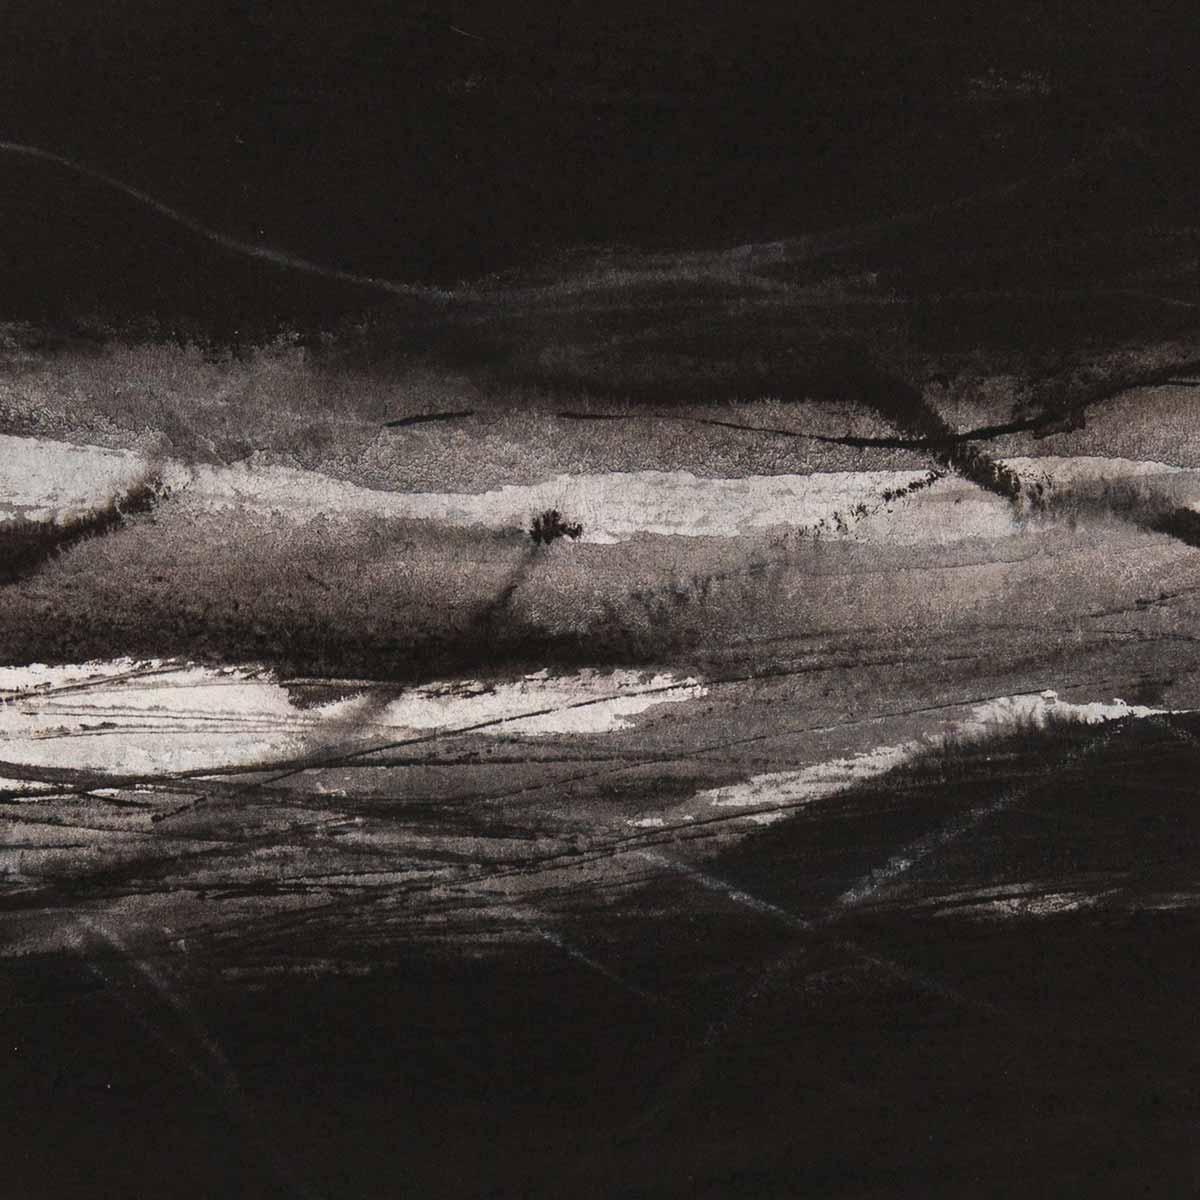 10 x 10 cm, aquarelle et crayons sur papier, 21 oct 14